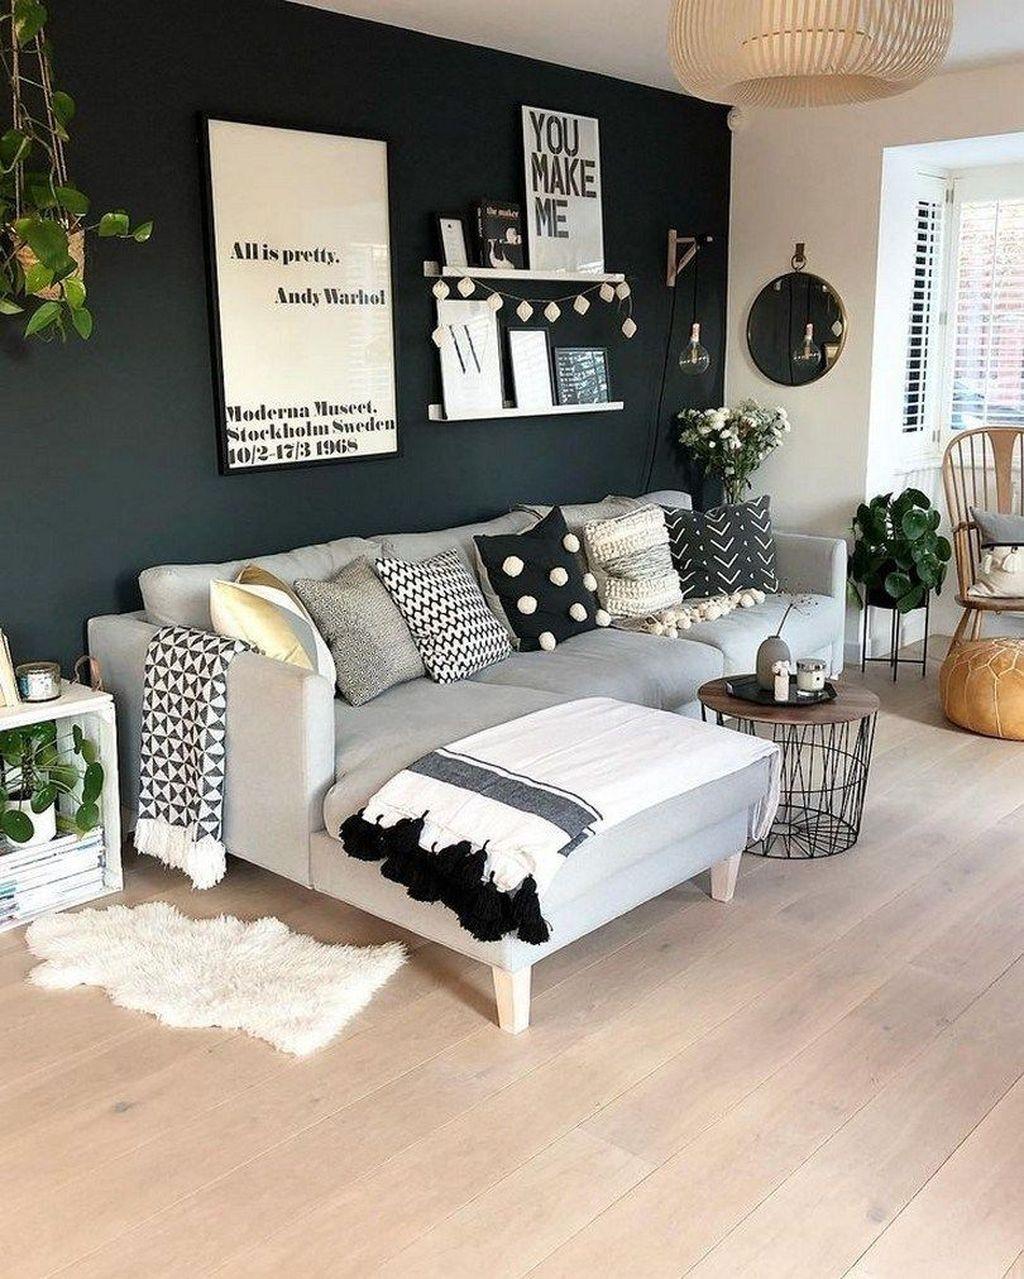 Cool 20 Brilliant Small Apartment Decor And Design Ideas Small Apartment Living Room Small Living Room Design Small Apartment Decorating Living Room